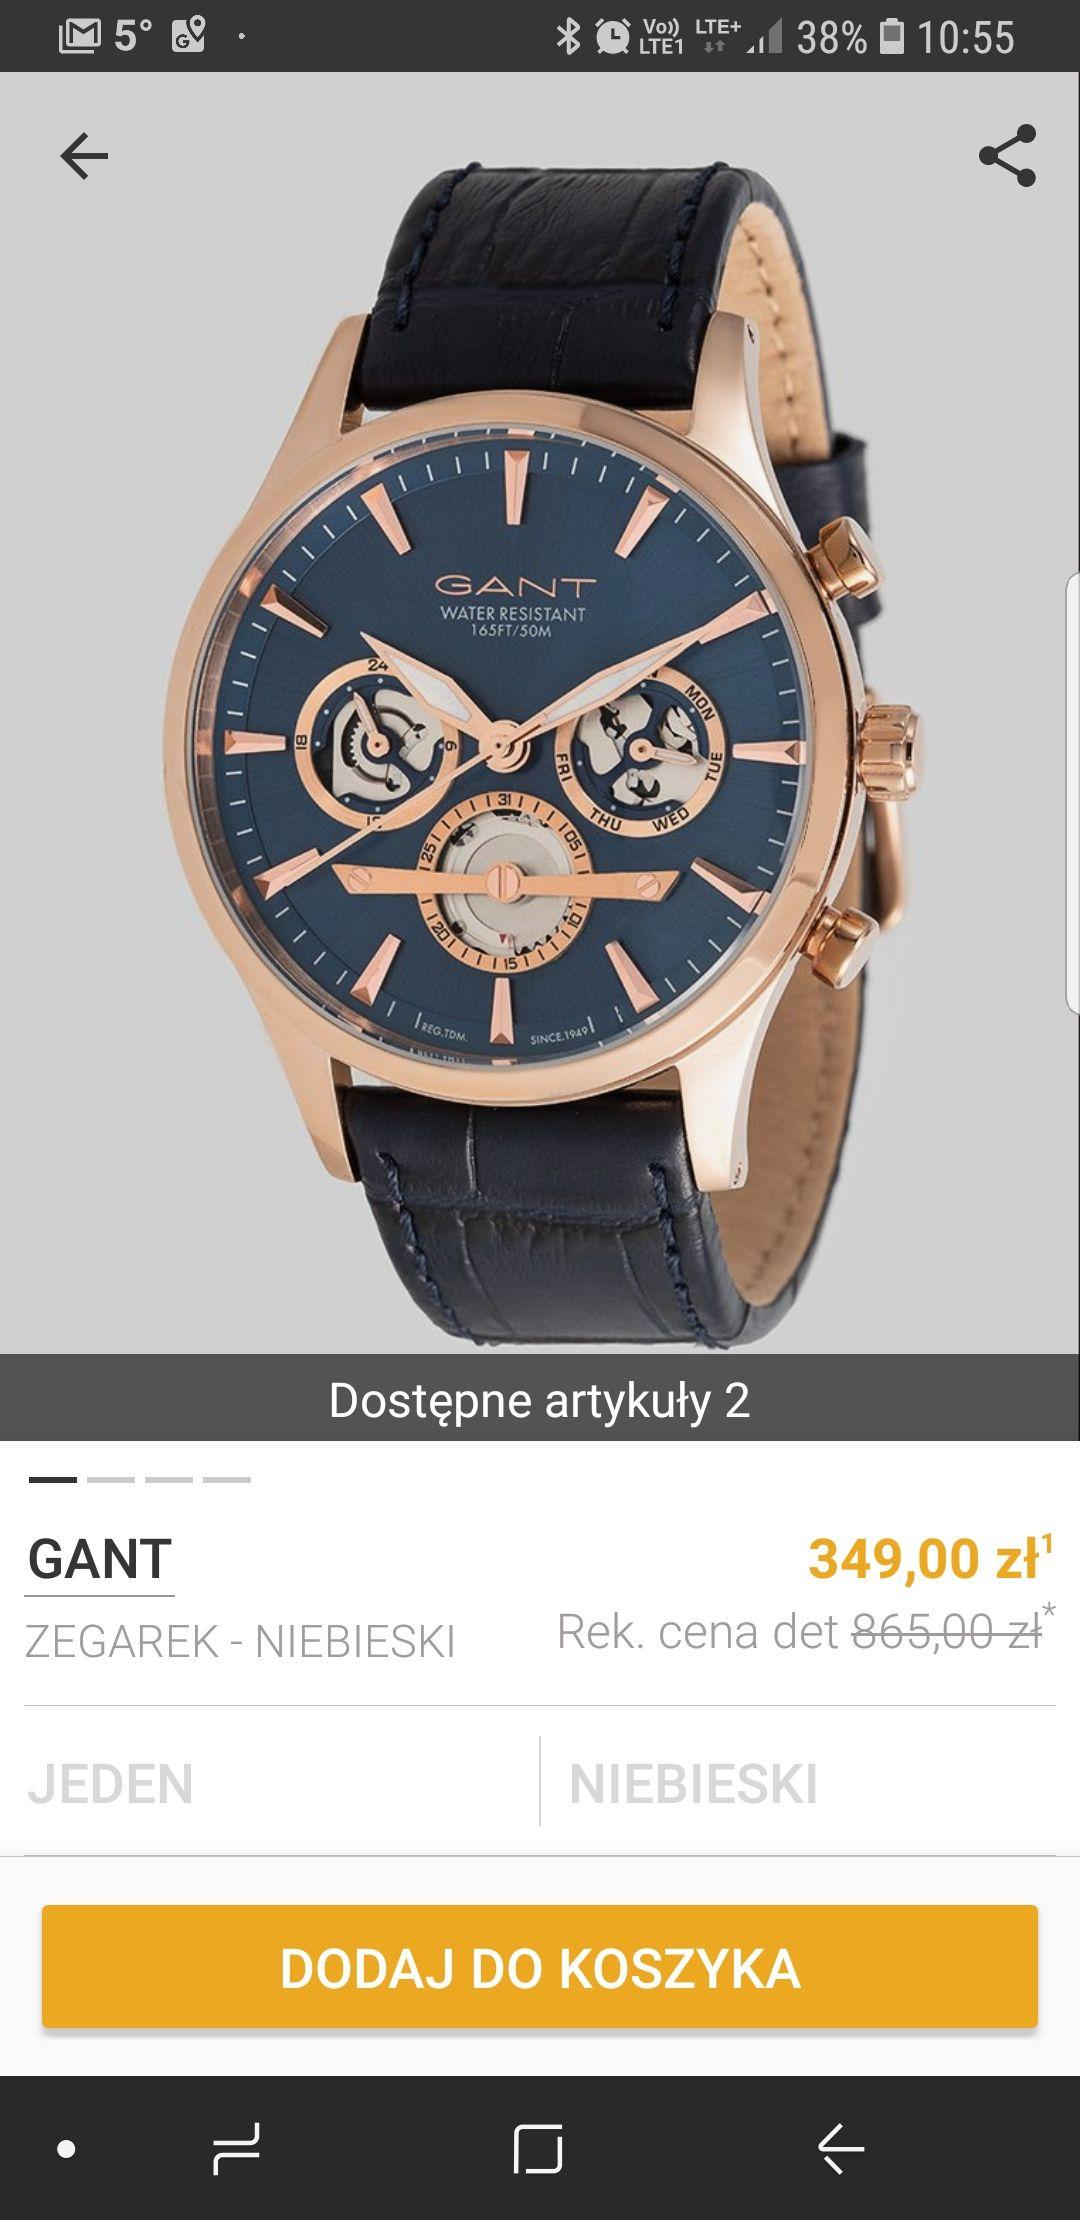 Zegarki w świetnych cenach na Zalando Lounge np. Gant GT005001 za 310zł <-- czytajcie opis i komentarze zanim zacznieci minusować !!!!